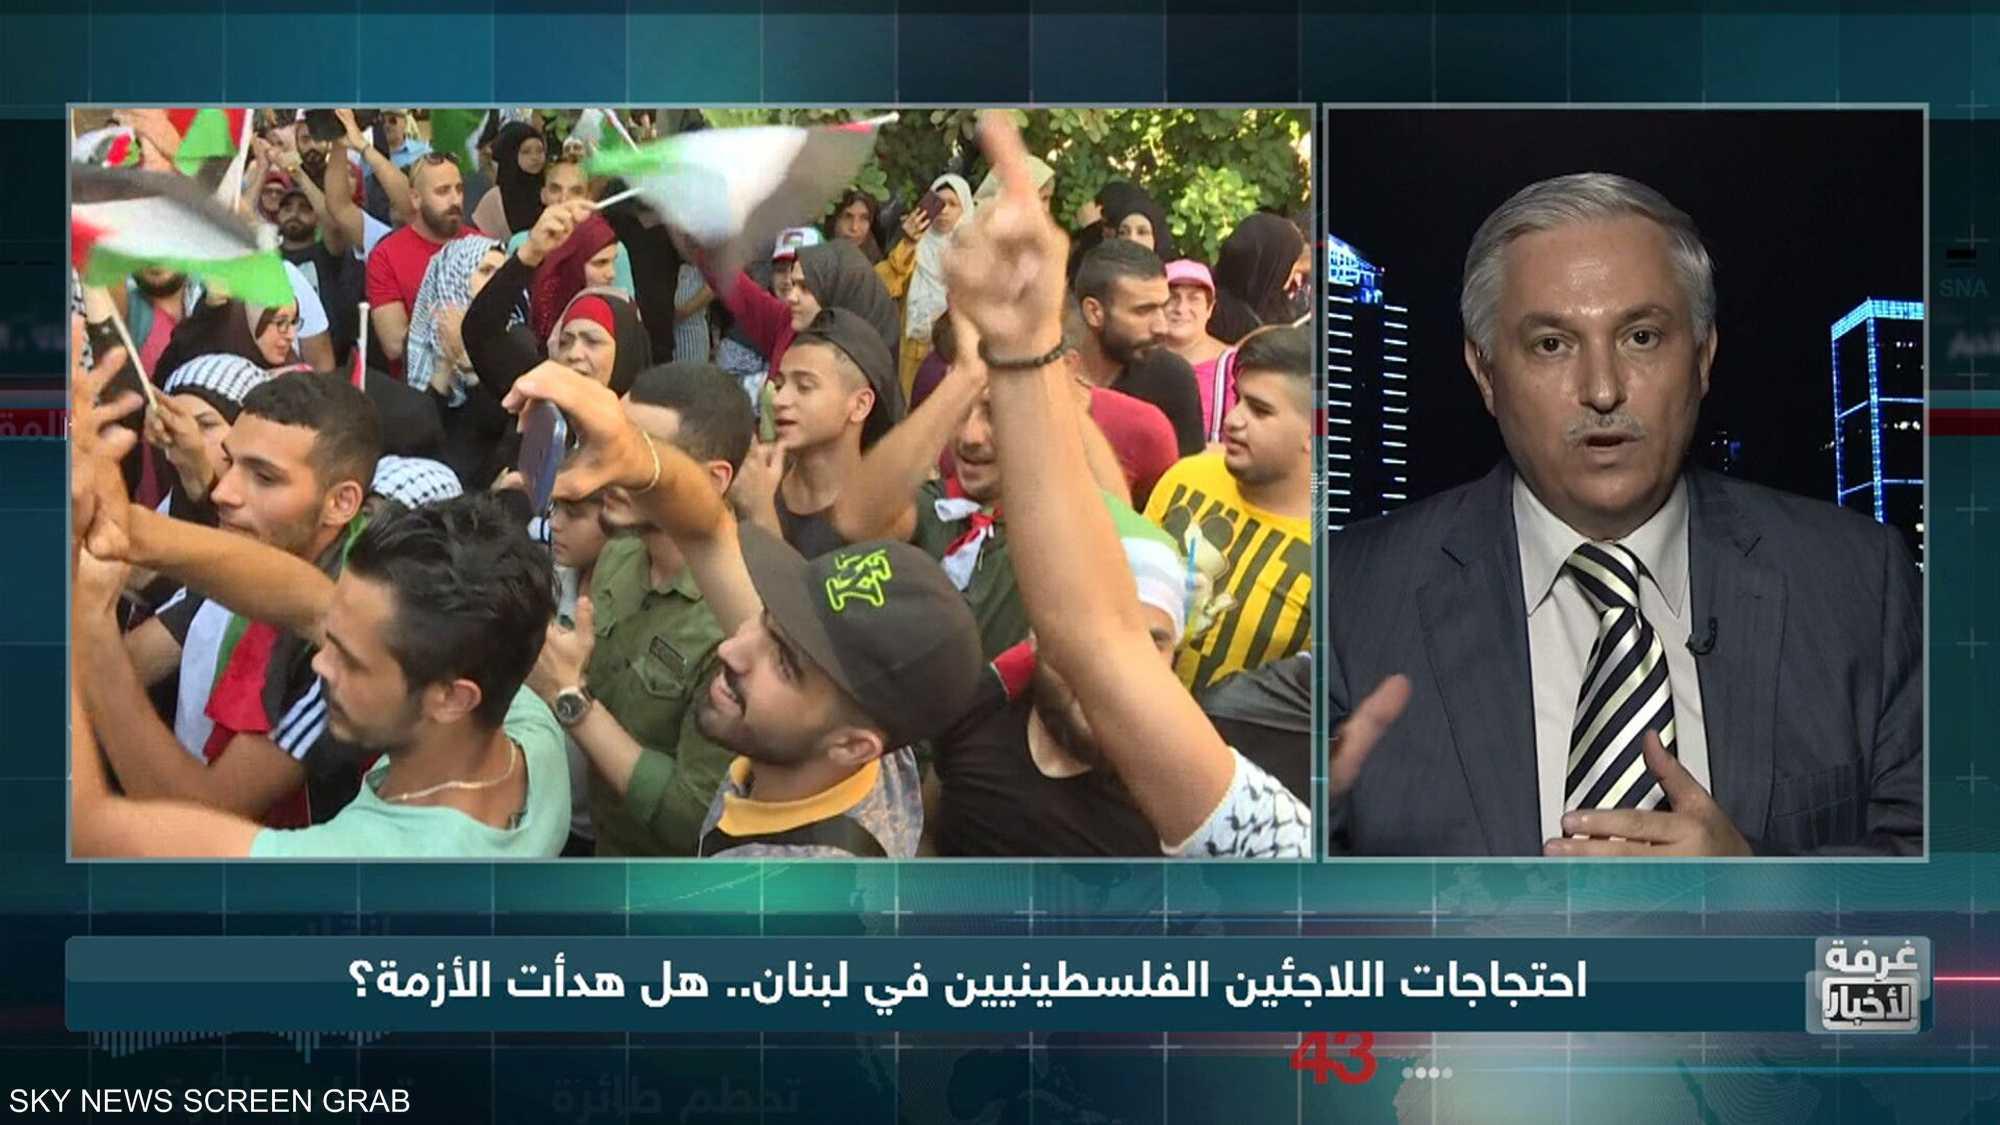 احتجاجات اللاجئين الفلسطينيين في لبنان.. هل هدأت الأزمة؟